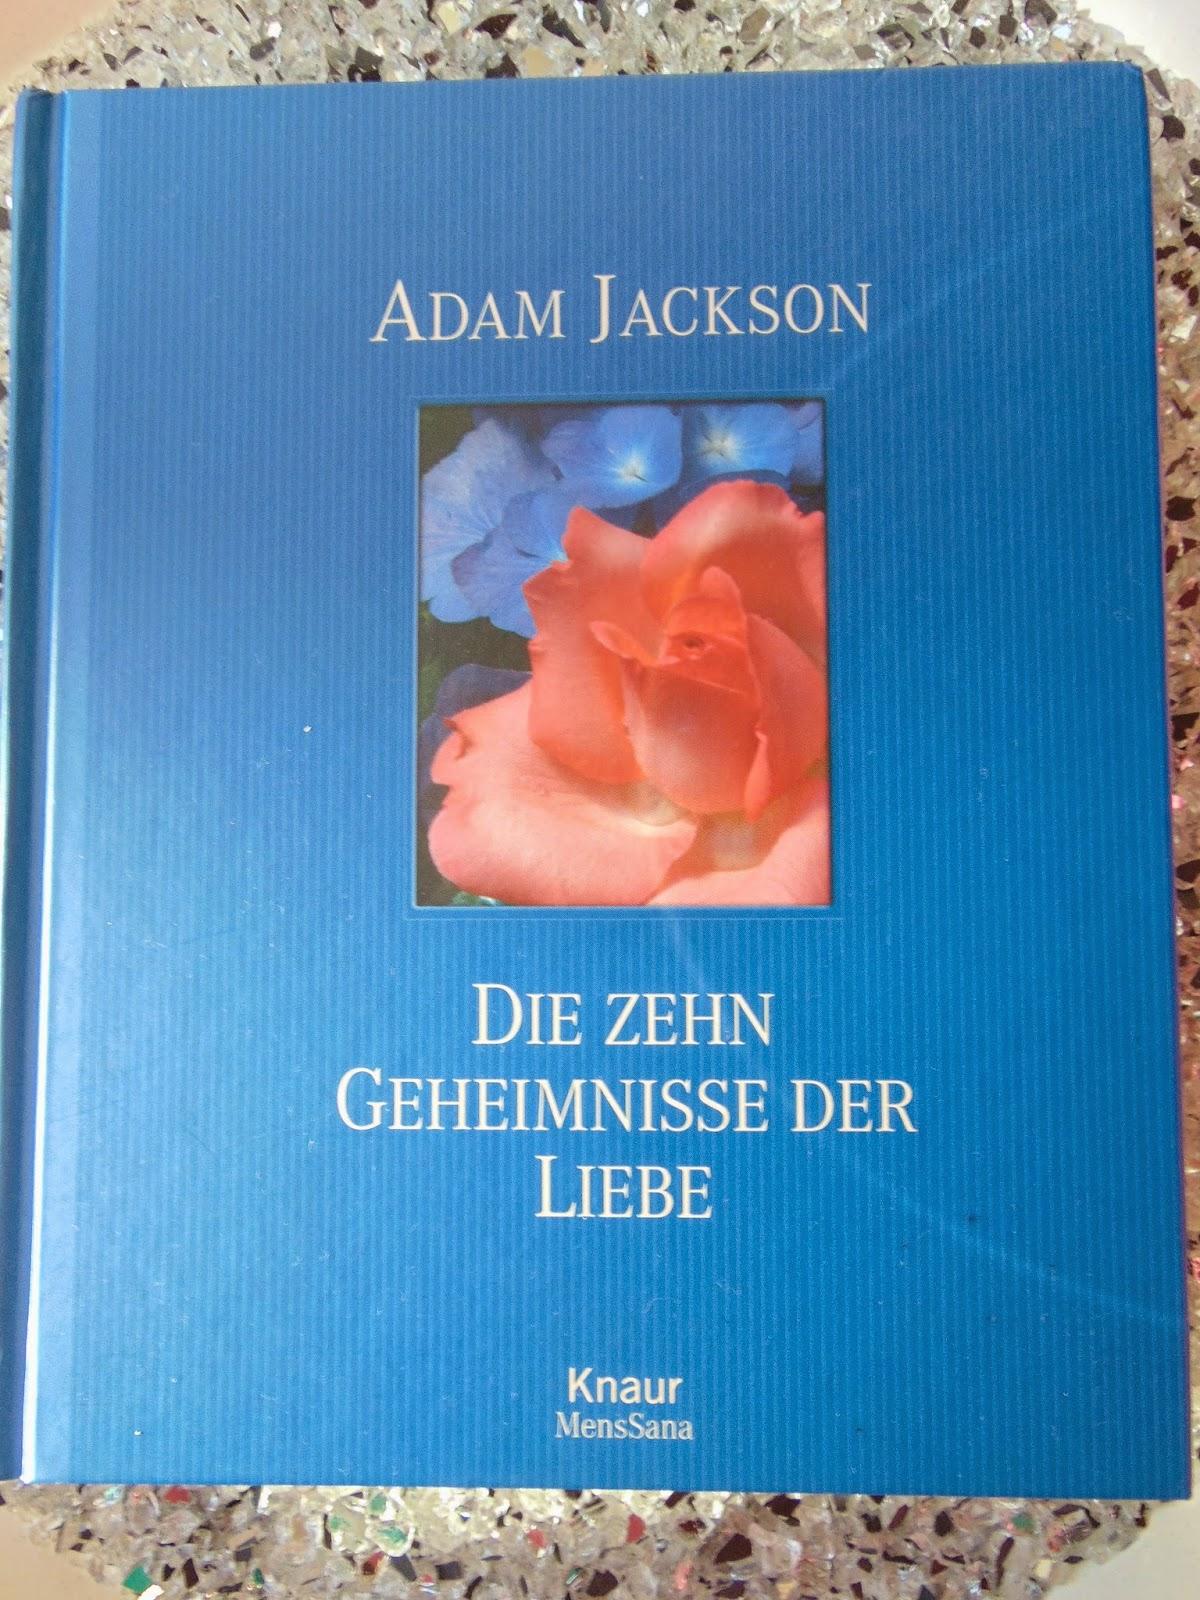 Buch: Die zehn Geheimnisse der Liebe von Adam Jackson - www.annitschkasblog.de